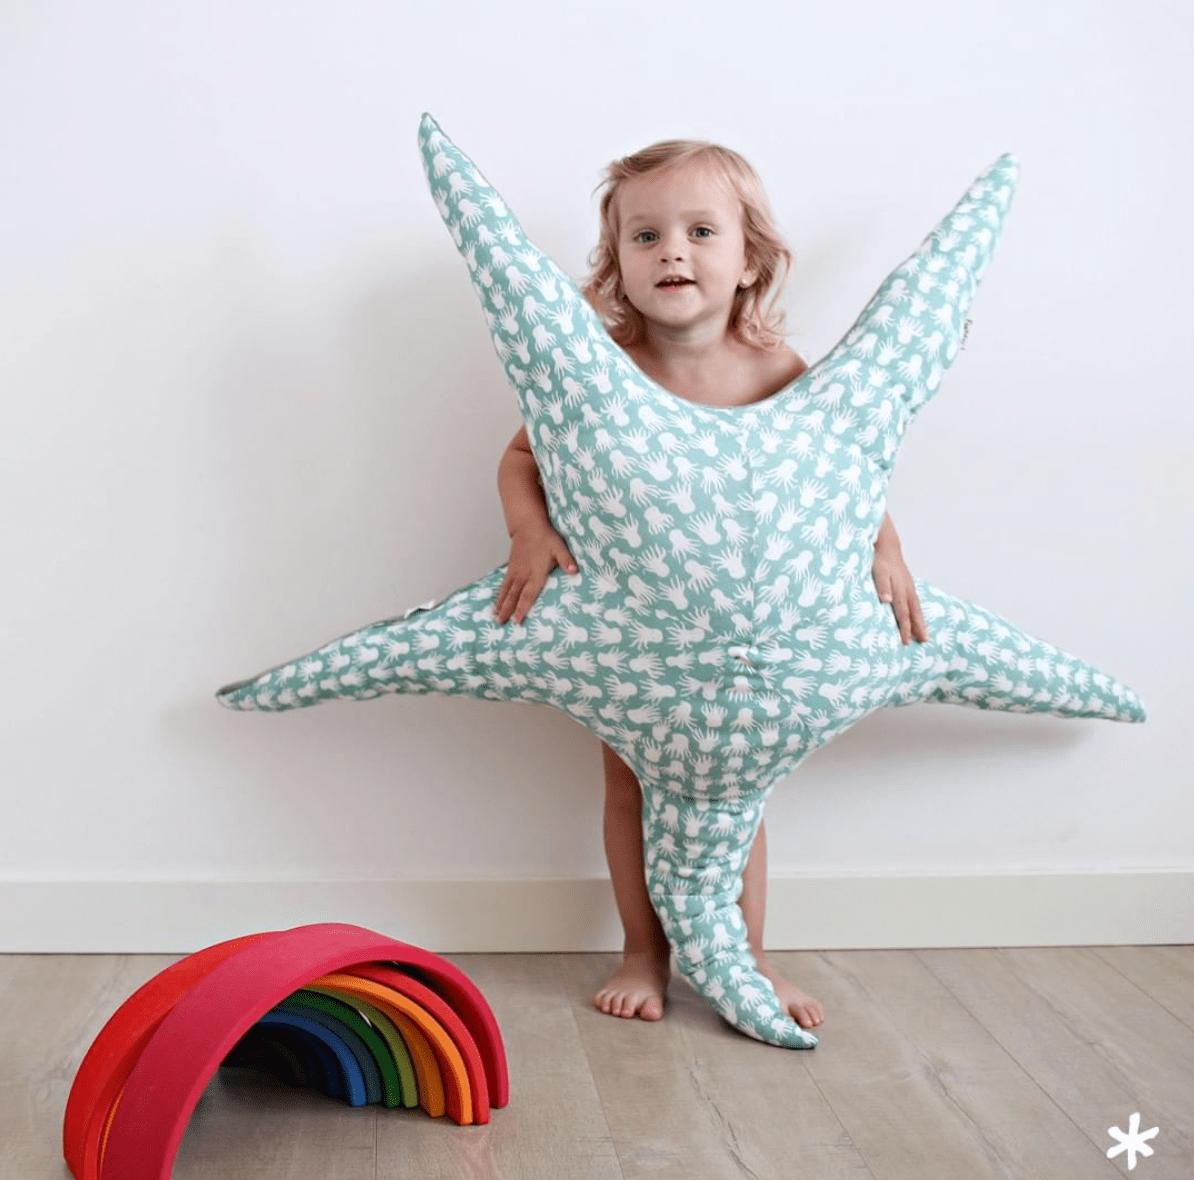 Cojín estrella de mar Octopus - Fun*das bcn